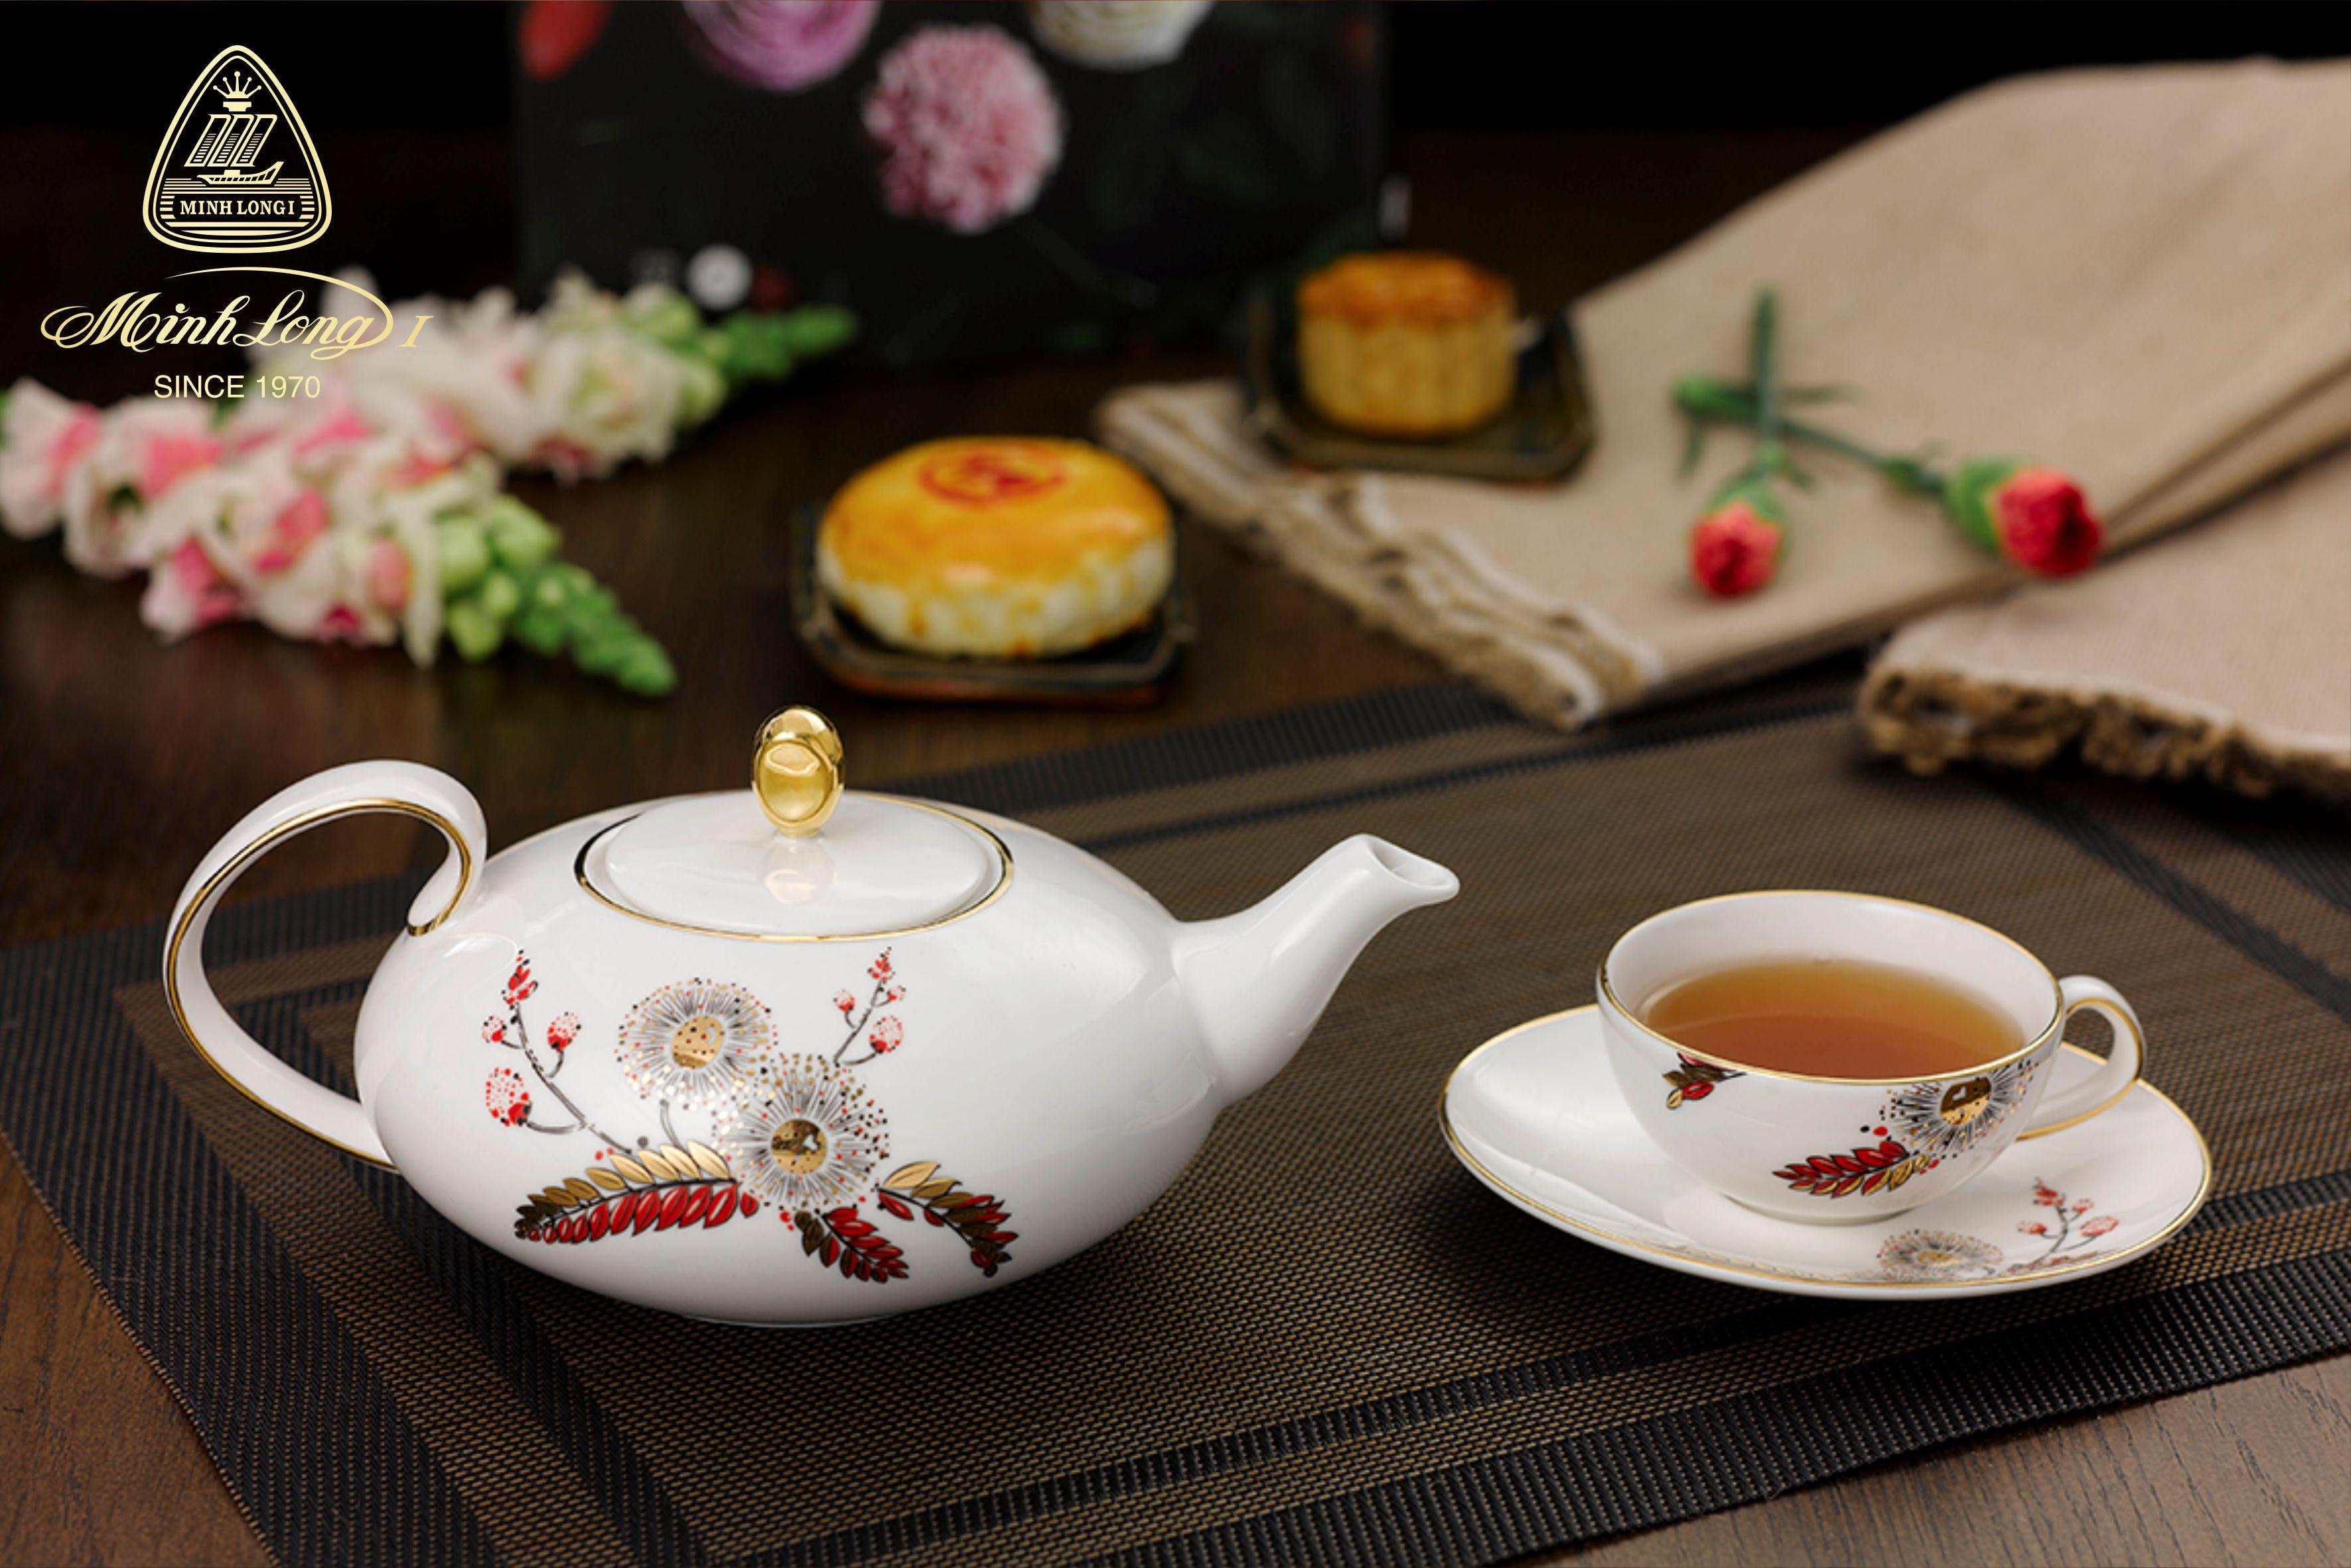 Bộ trà elip 0.47L Anna Thiên Kim 68470246103 Minh Long